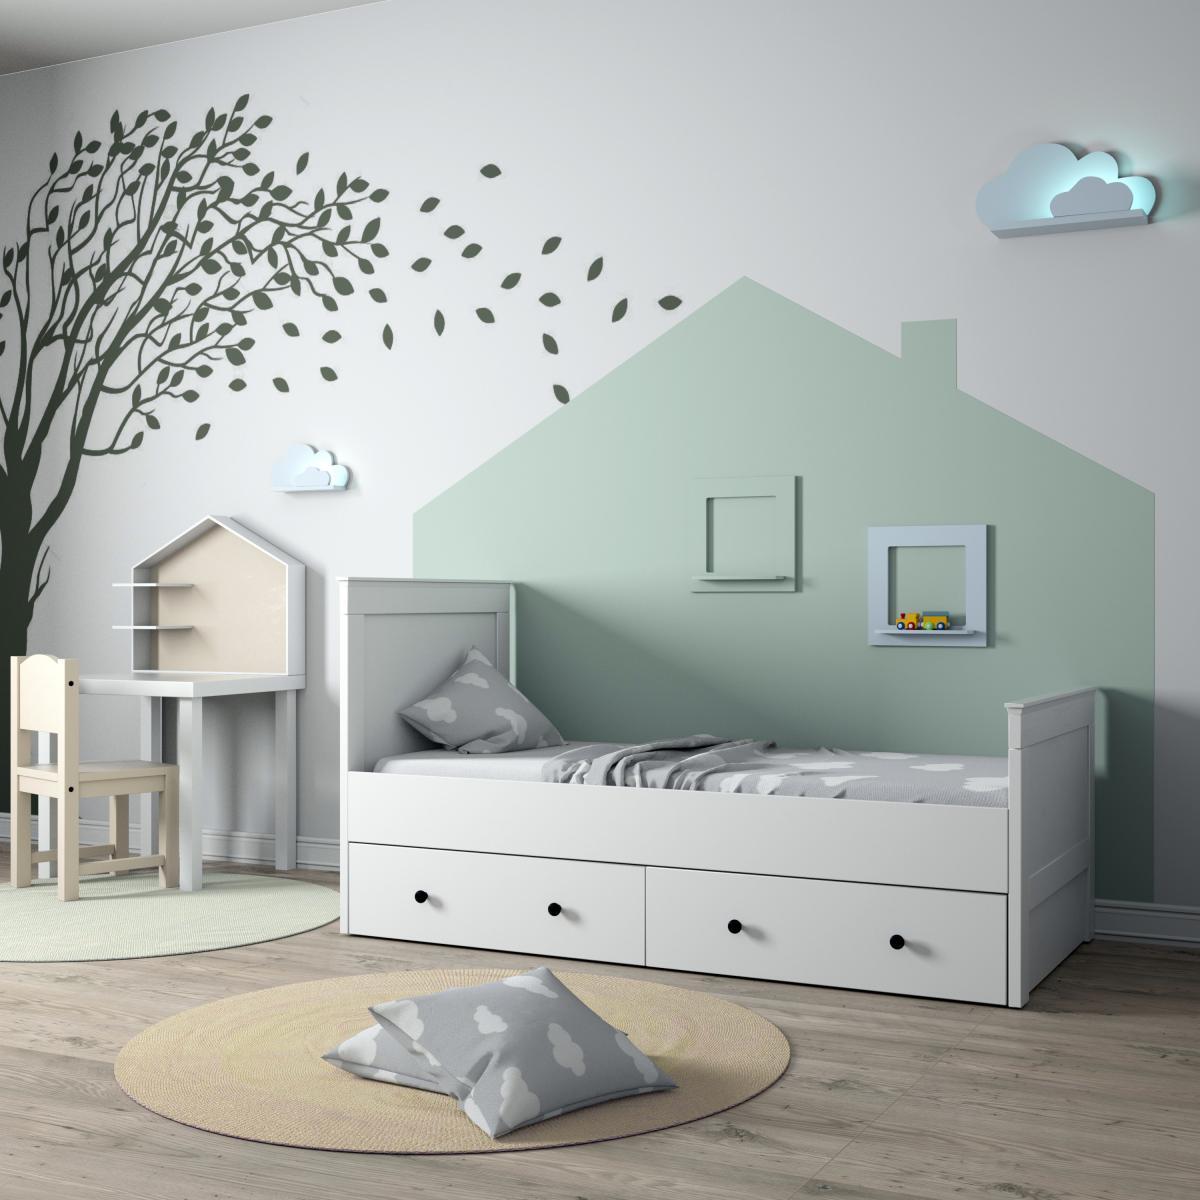 meble do pokoju dla dziecka